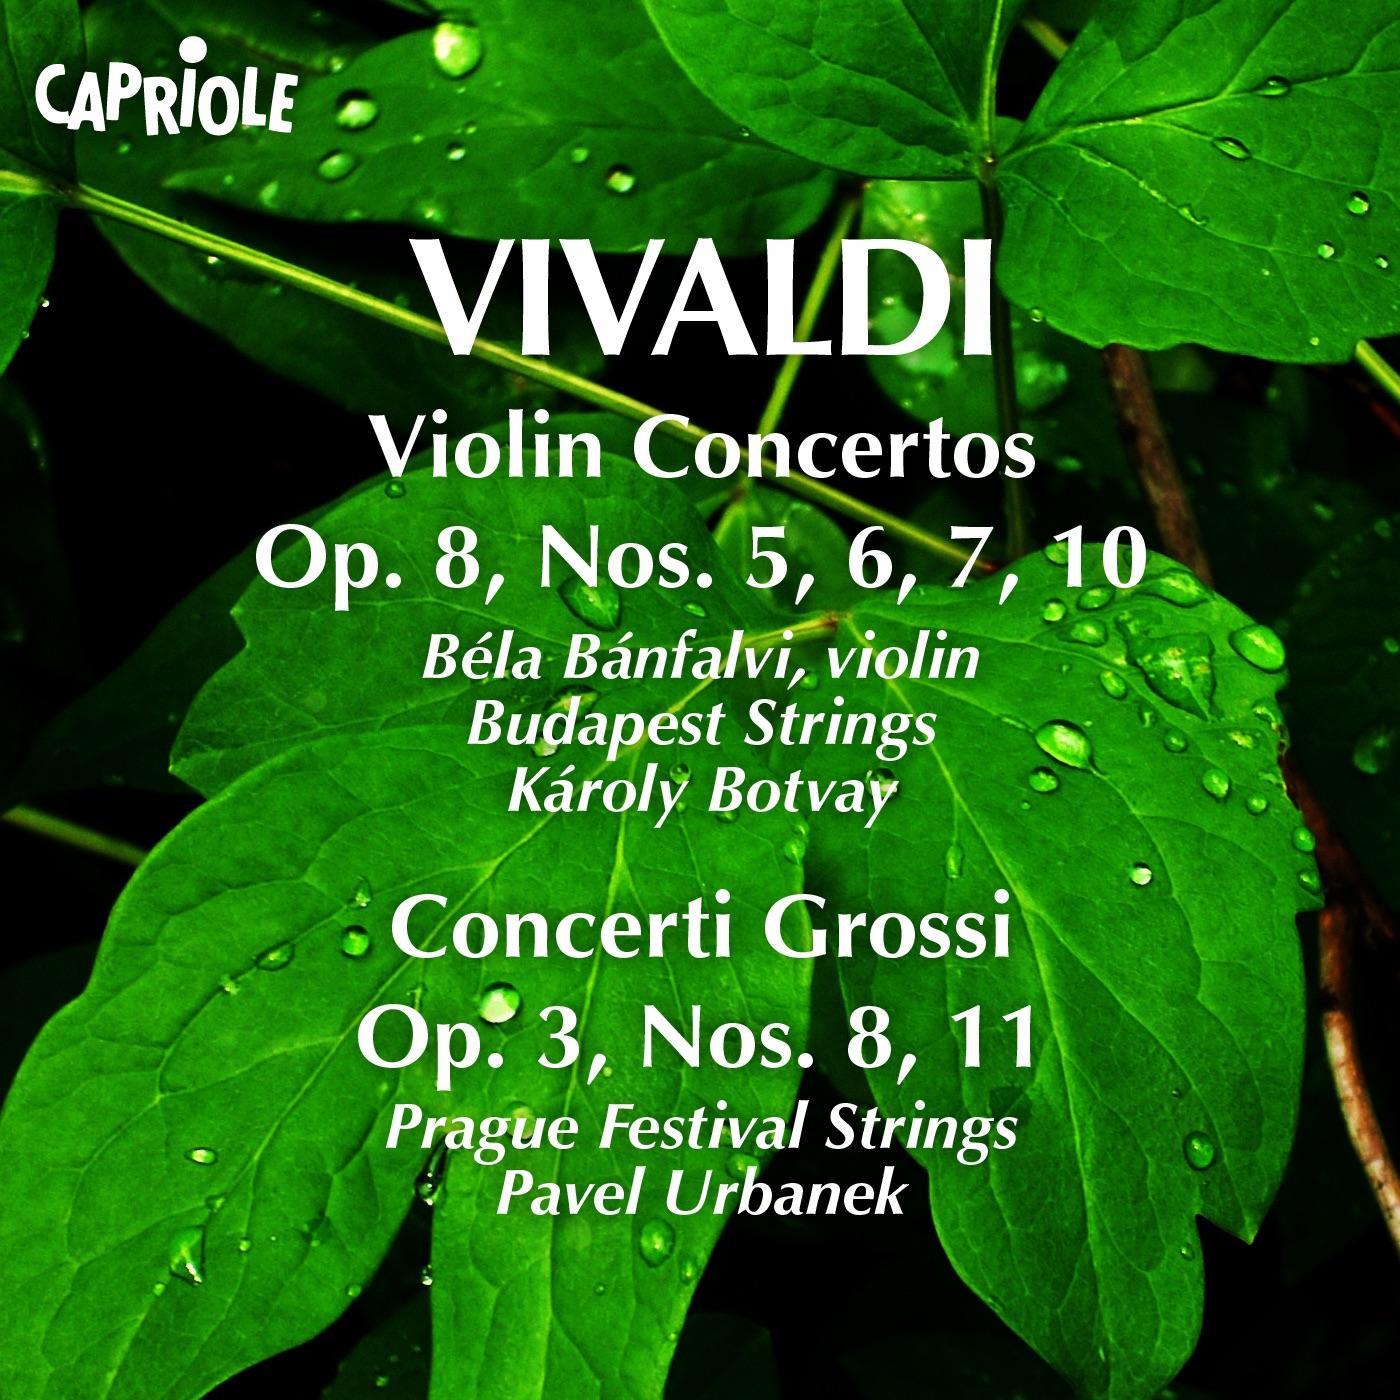 Vivaldi, A.: Violin Concertos, Op. 8, Nos. 5-7, 10 - Concerti Grossi, Op. 3, Nos. 8, 11